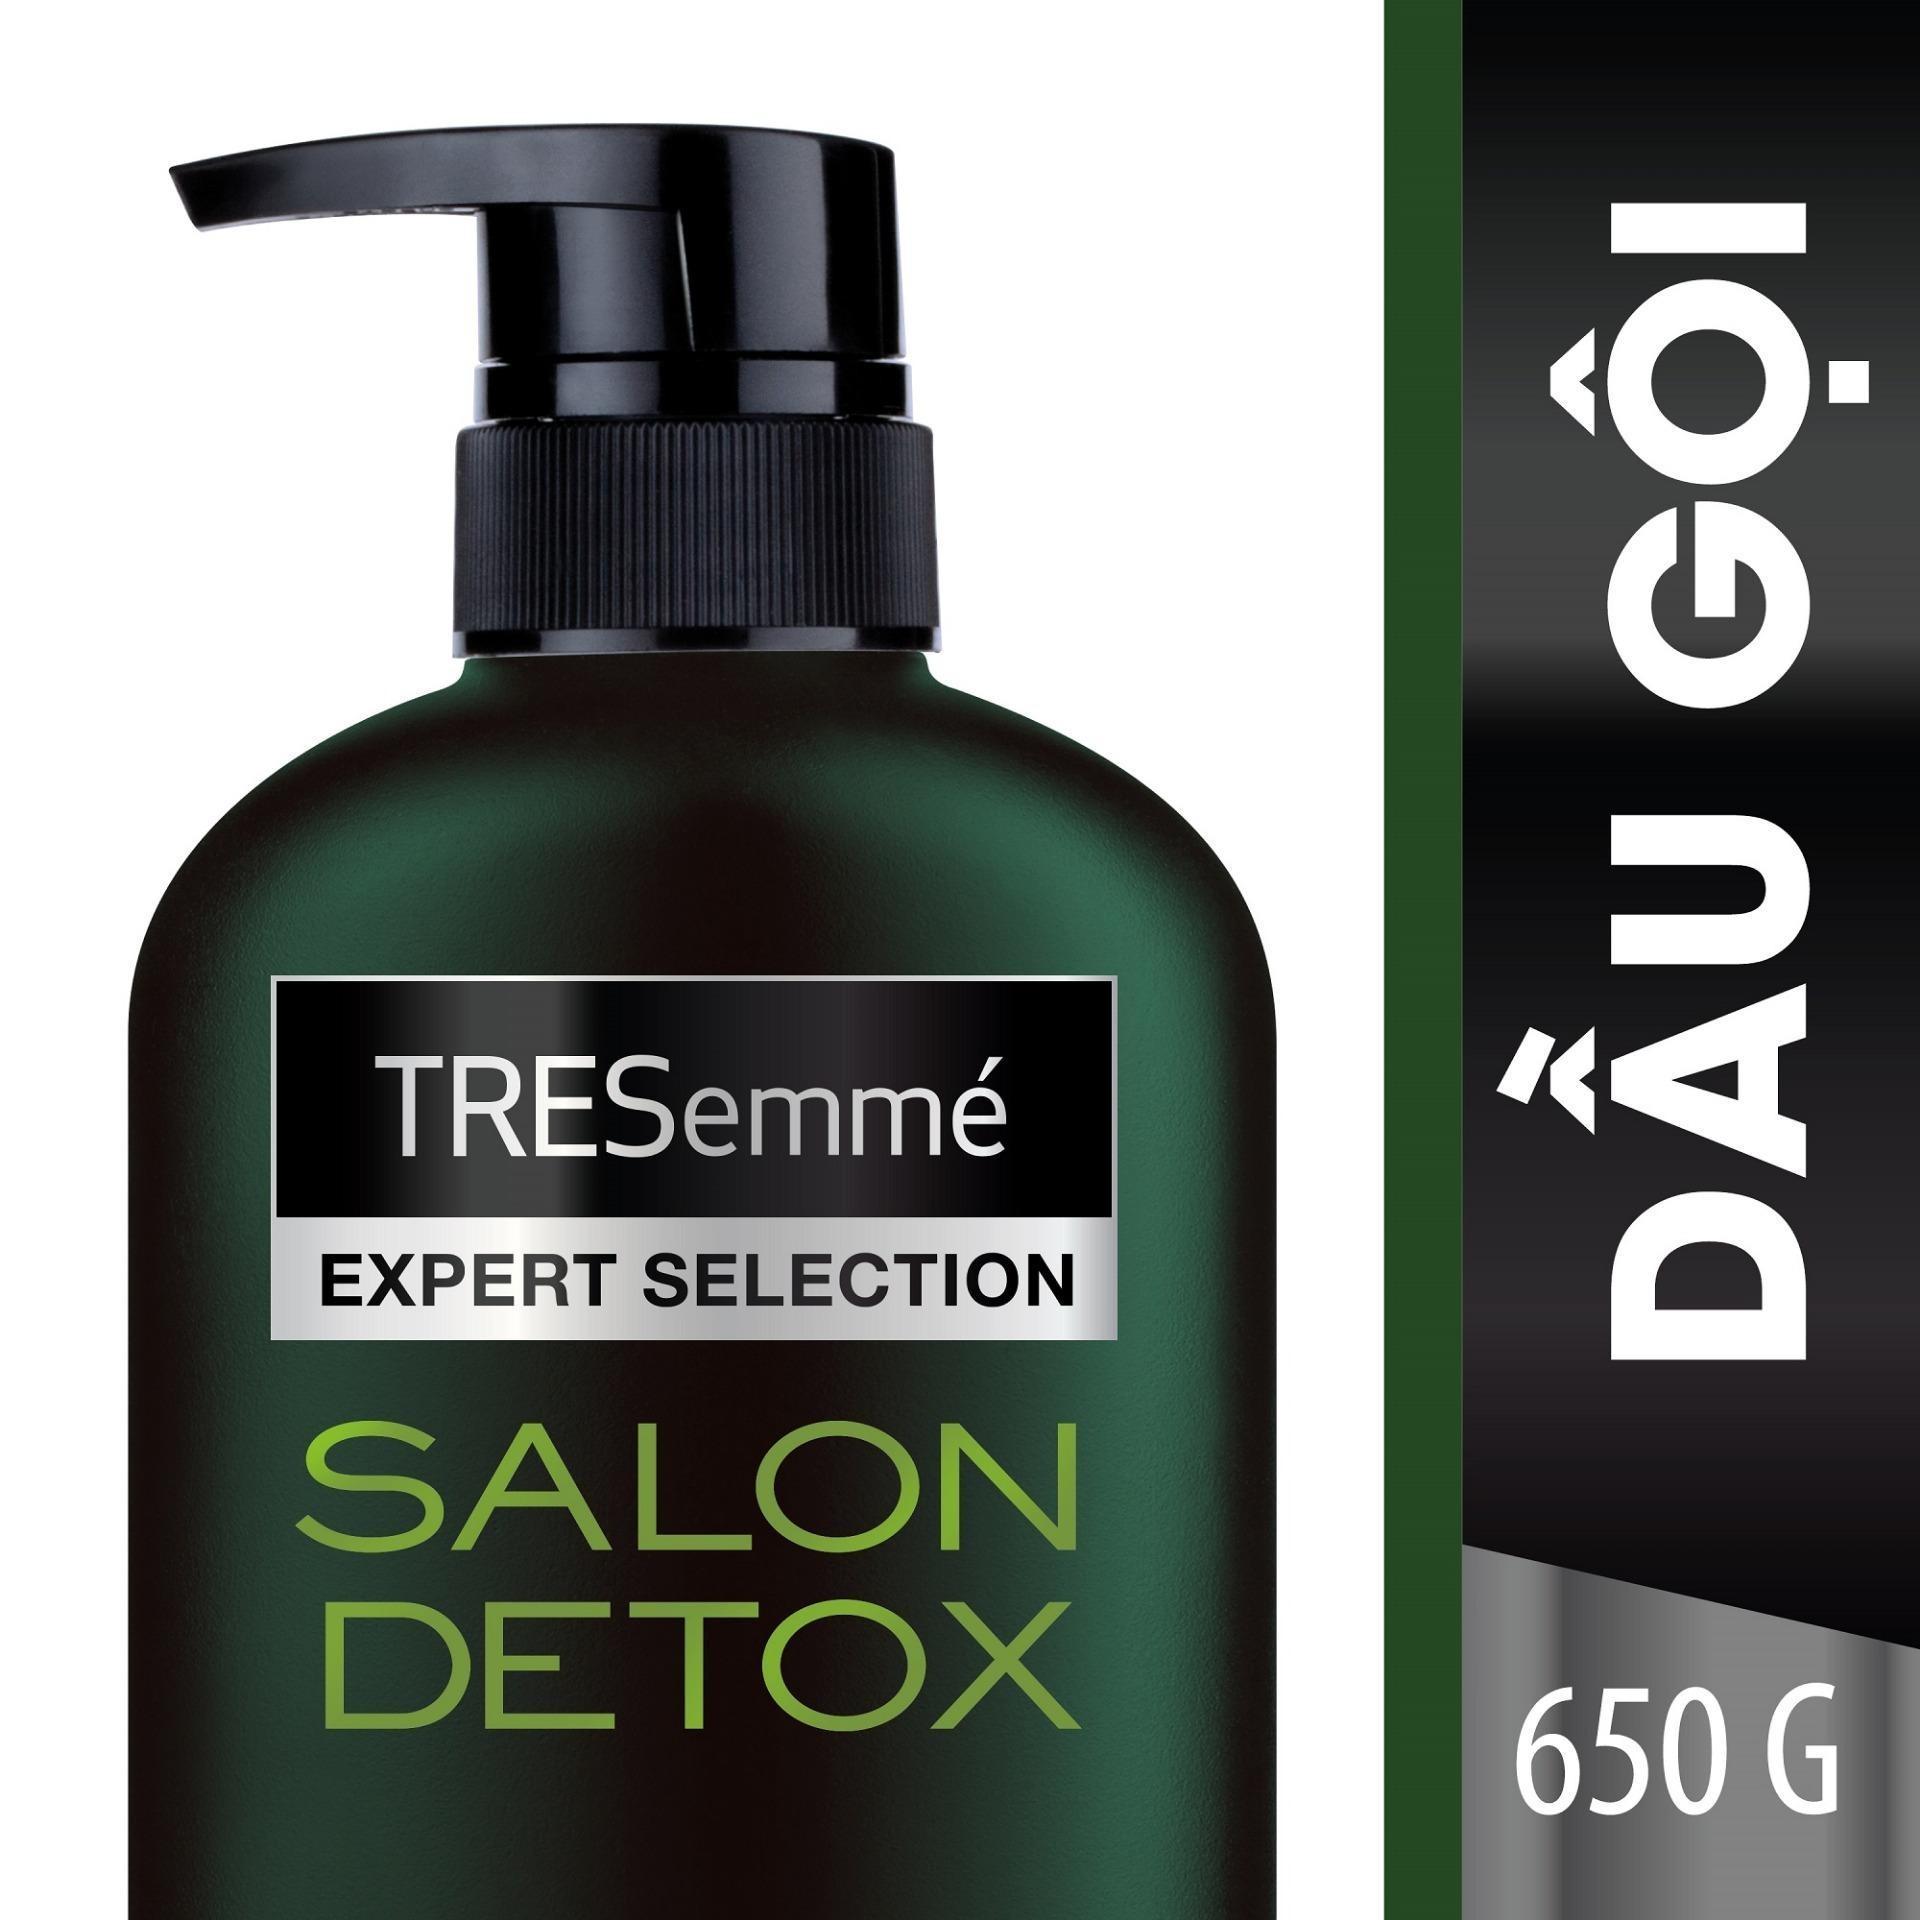 Dầu gội TRESemmé Salon Detox Tóc Chắc khỏe chuẩn Salon tại nhà 650g tốt nhất